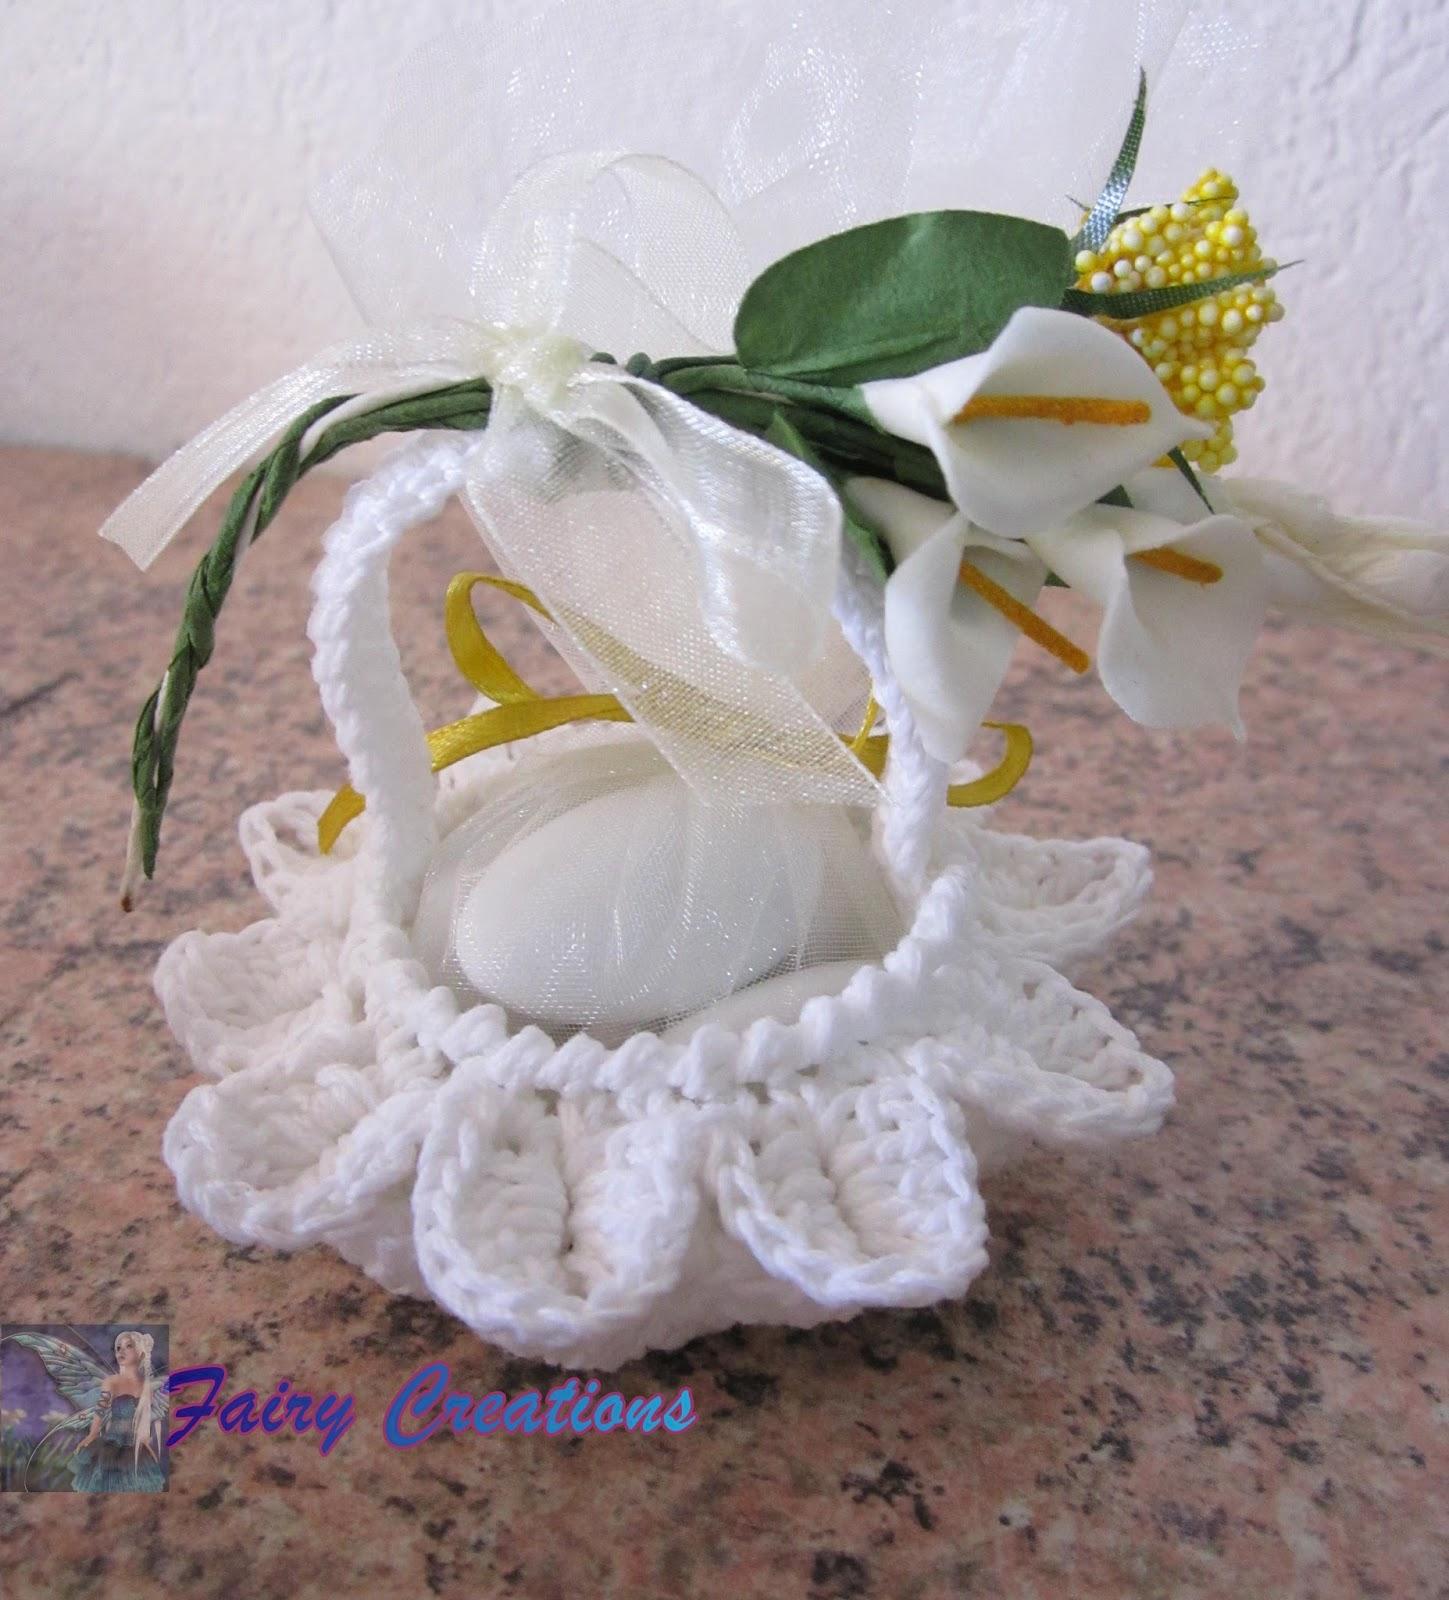 Eccezionale fairy creations: bomboniere all'uncinetto, cestini all'uncinetto TA12